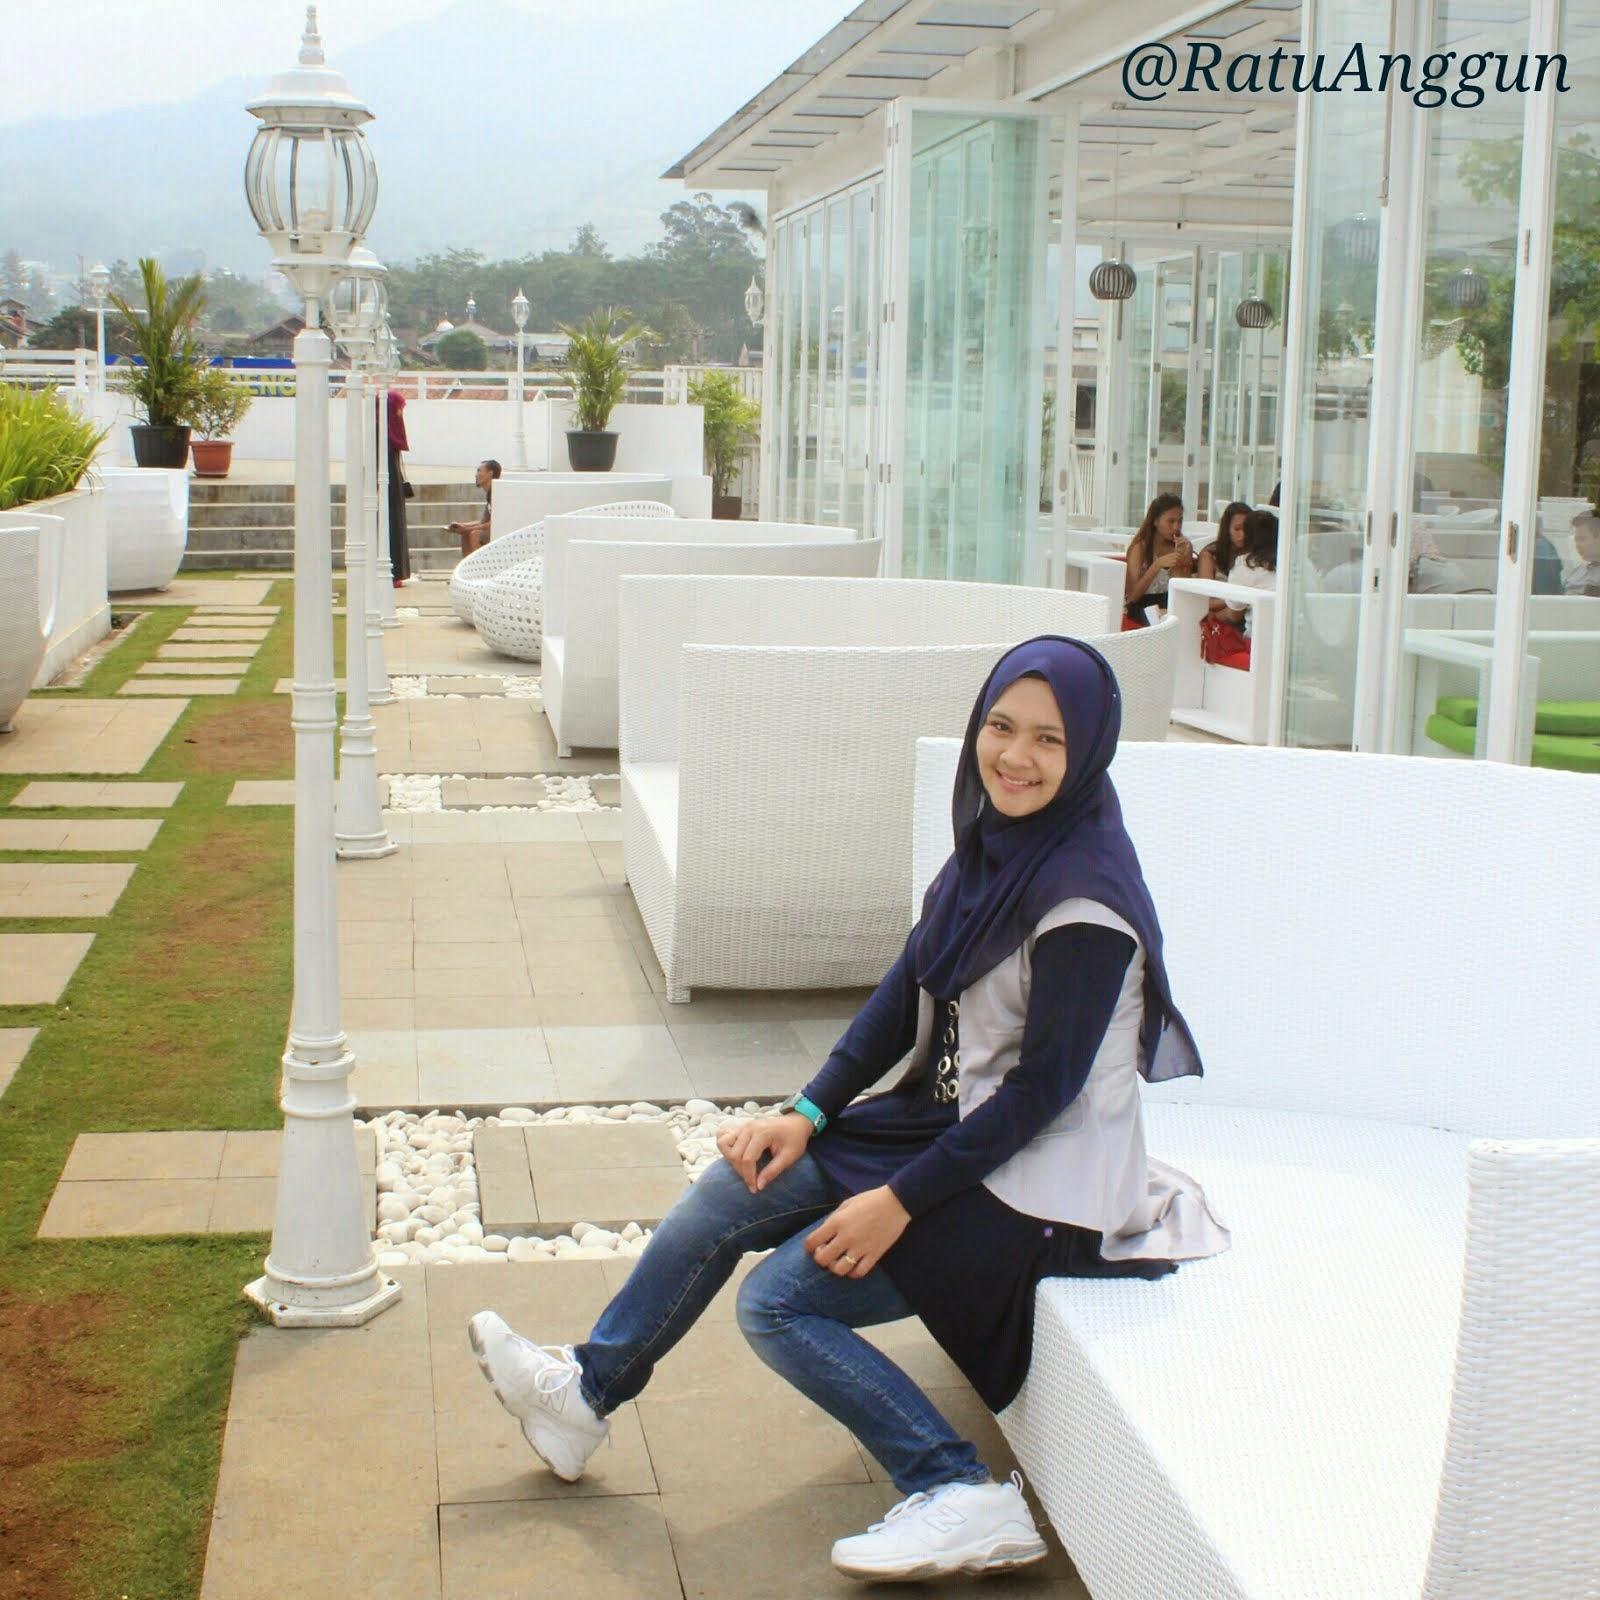 @Ratuanggun